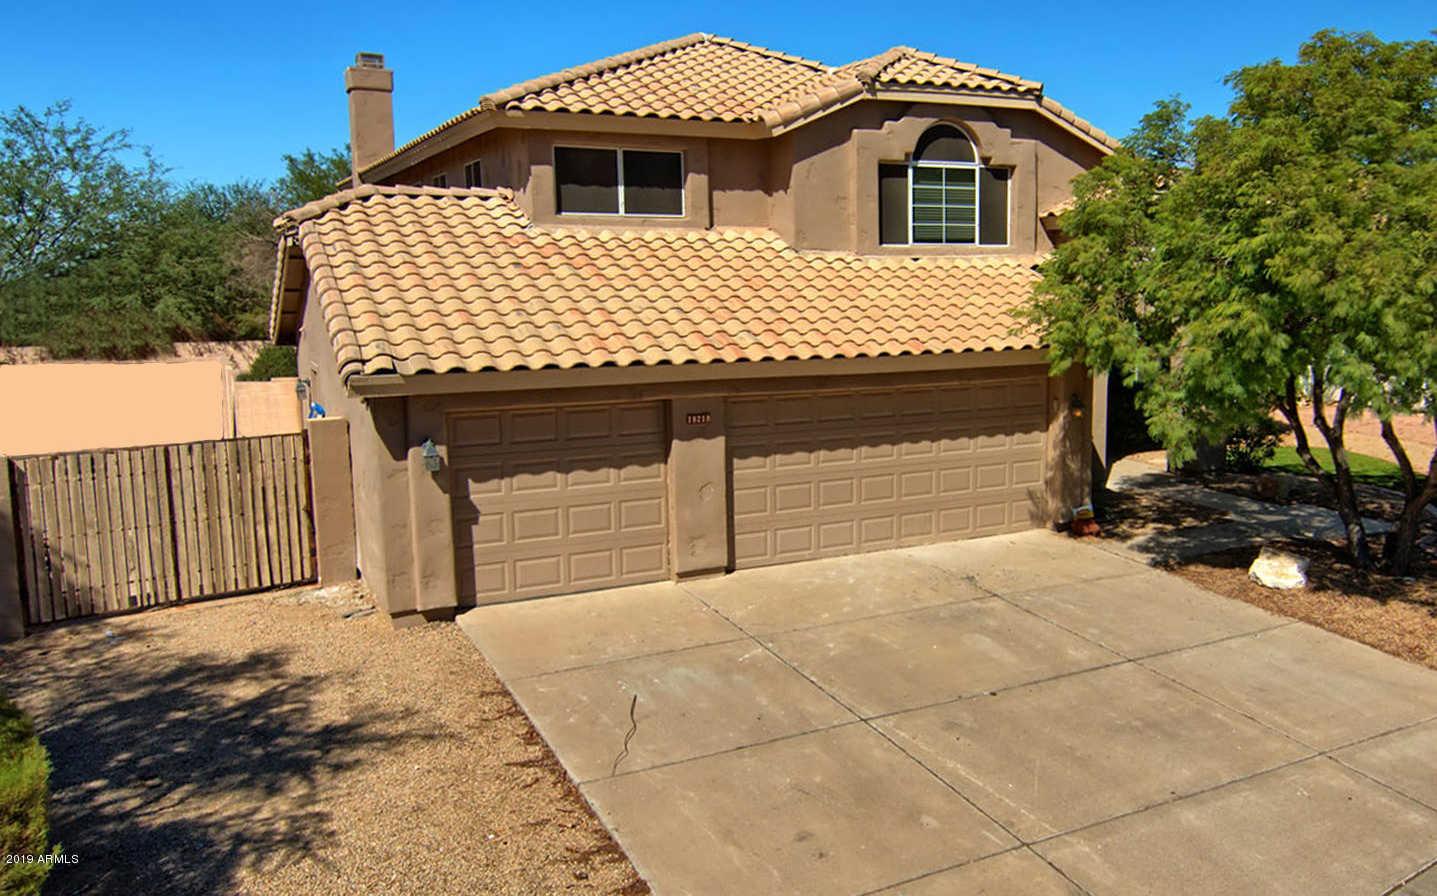 $670,000 - 5Br/3Ba - Home for Sale in Estates At Ironwood Village, Scottsdale